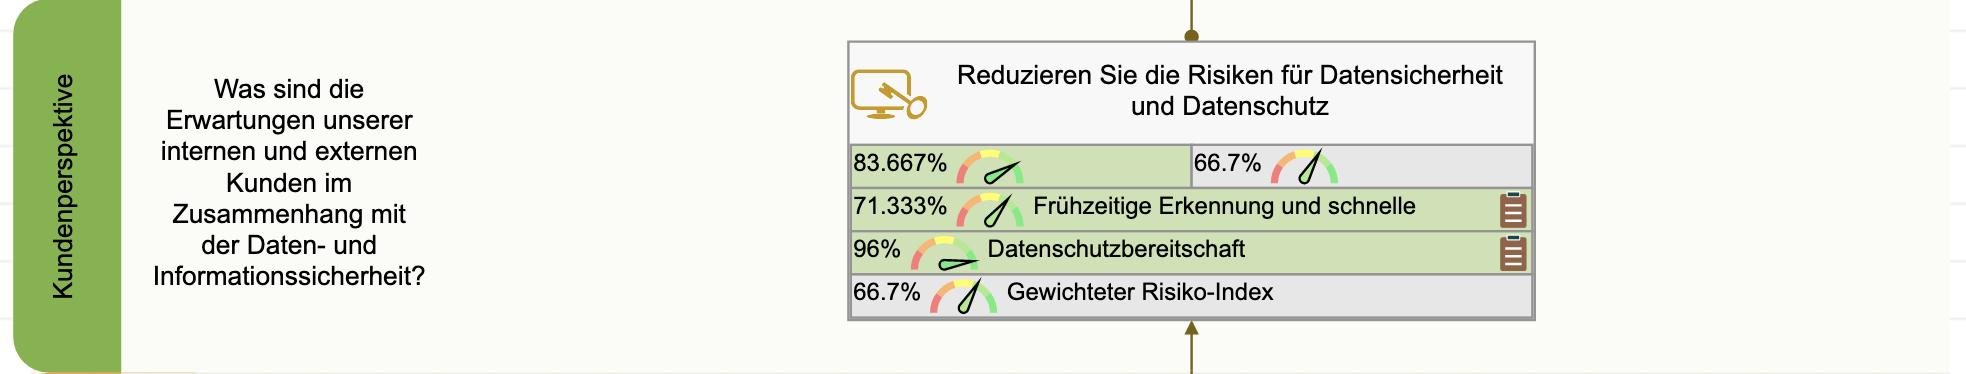 Die Ziele und KPIs der Kundensicht der Datensicherheits-Scorecard